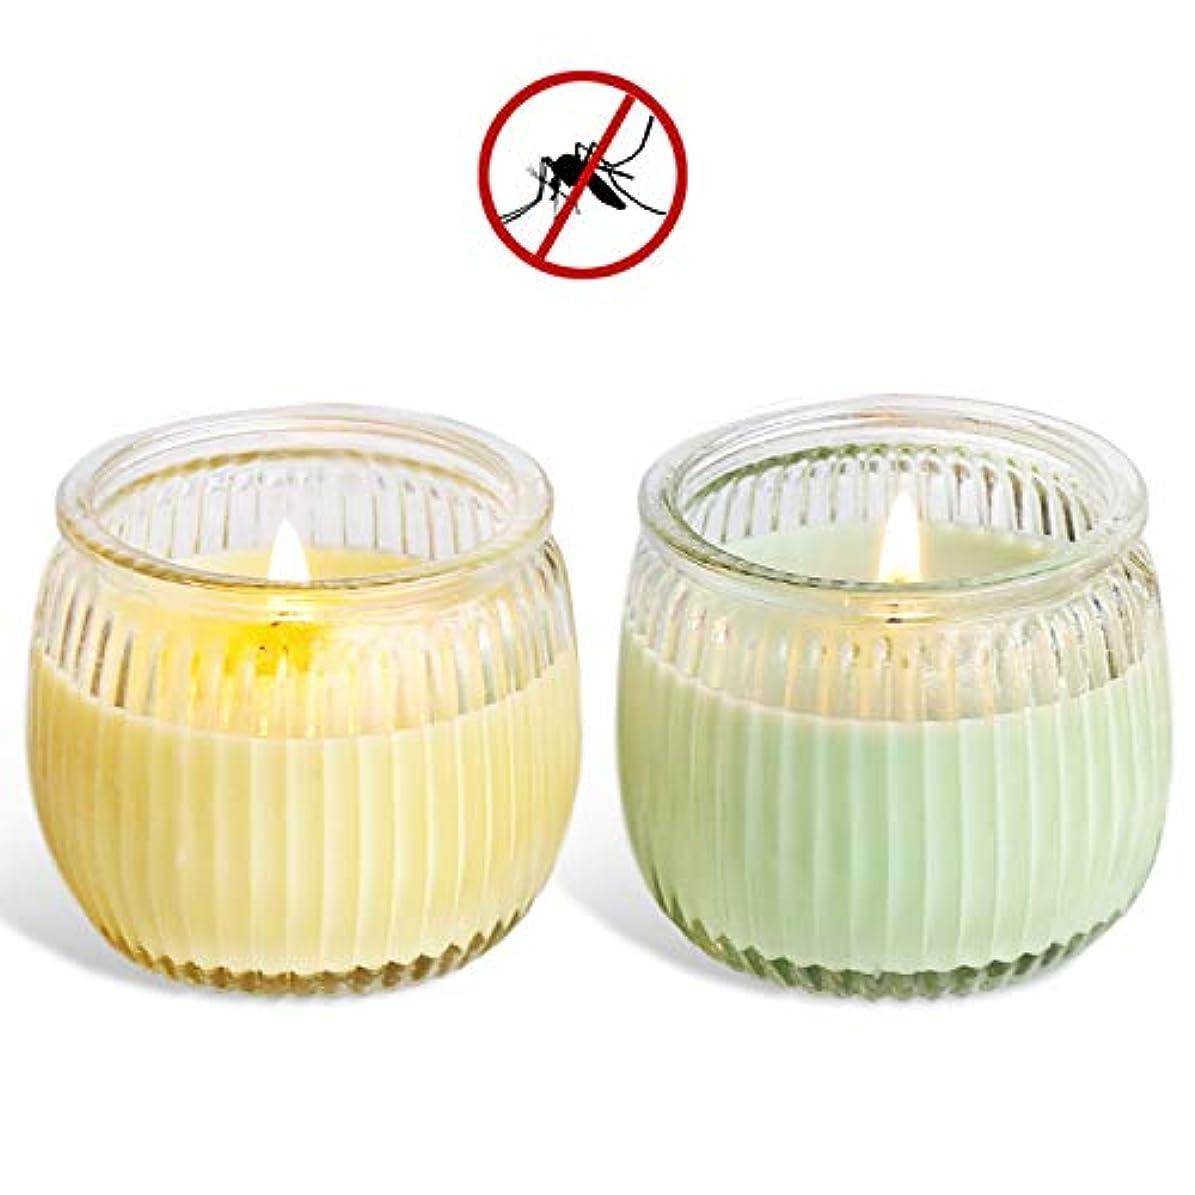 違反する実際にインキュバスLucy Day スイカガラスカップの野菜大豆ワックスアロマキャンドルグリーンキャンドル